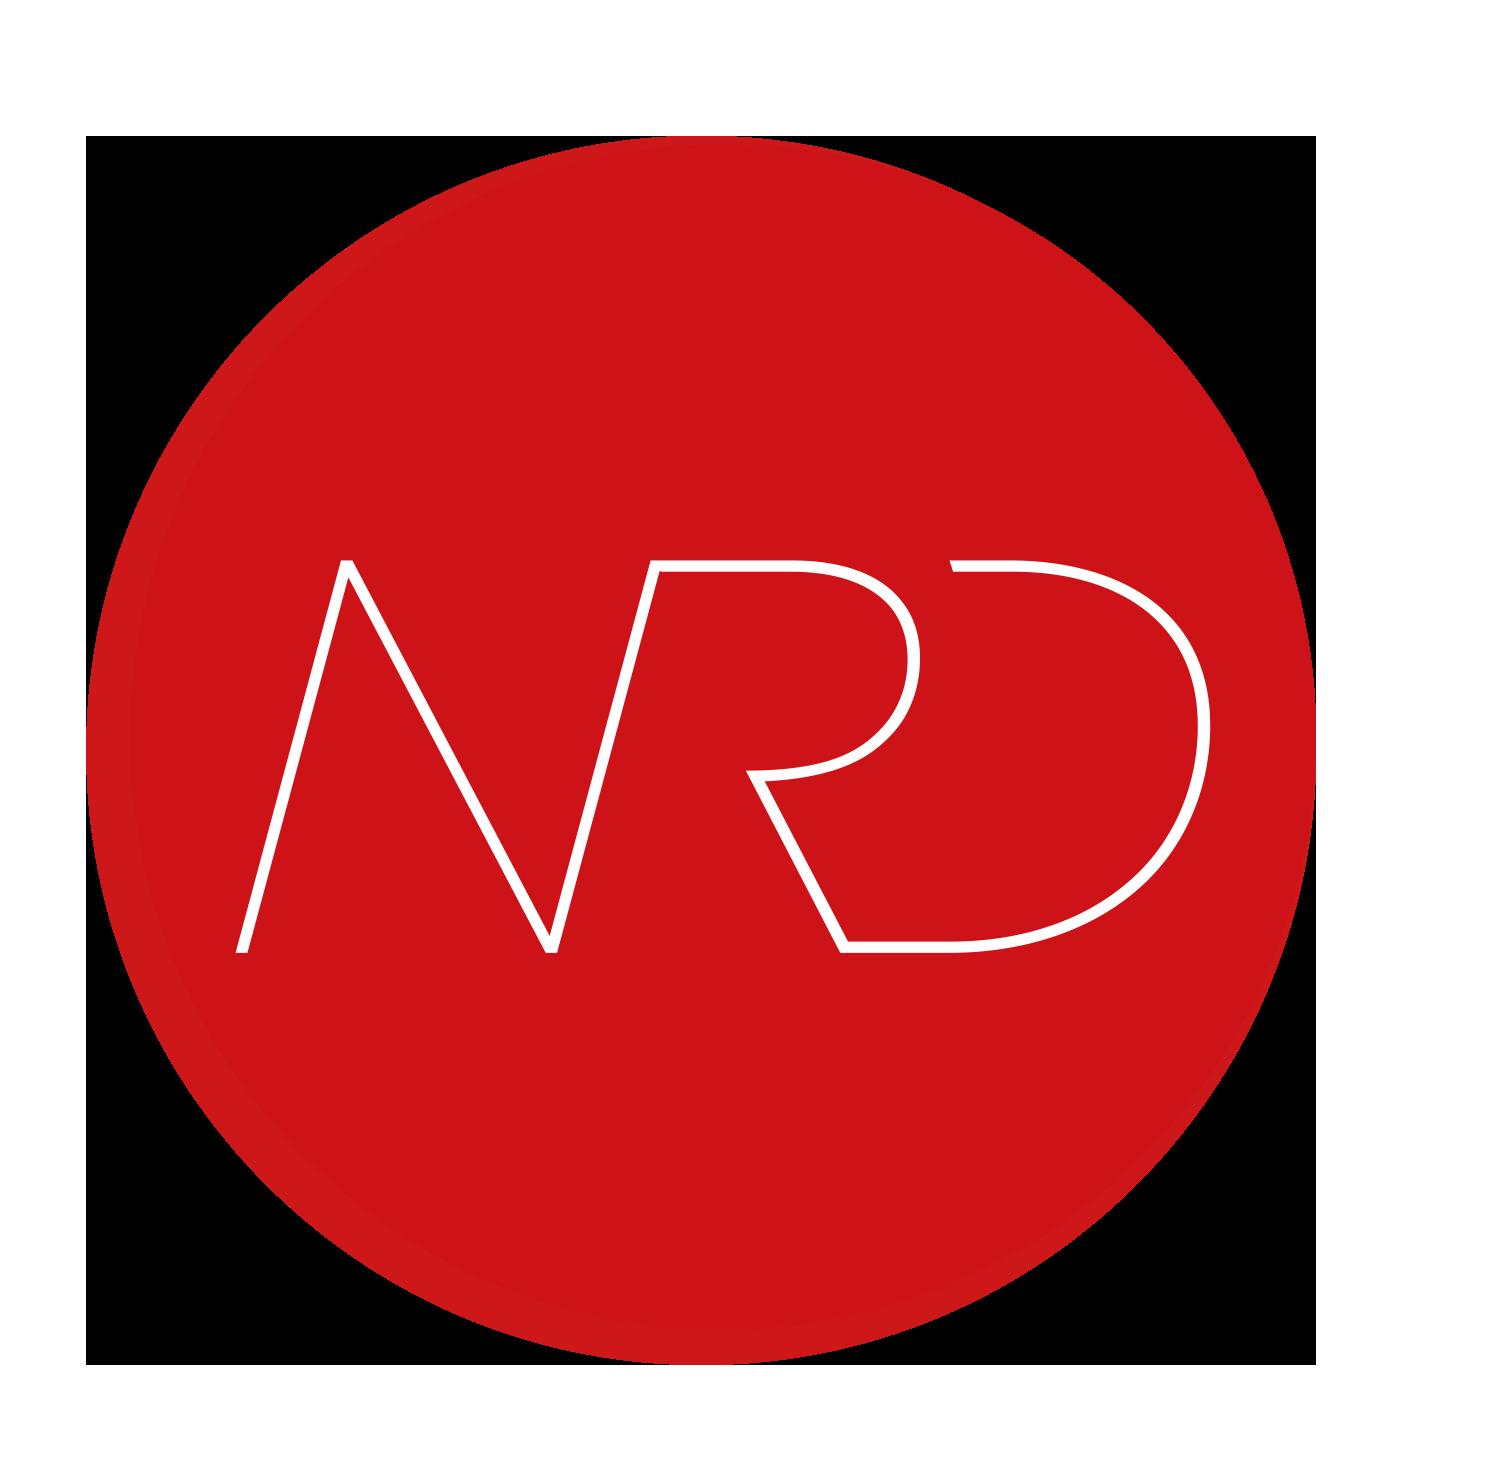 NRD_V2